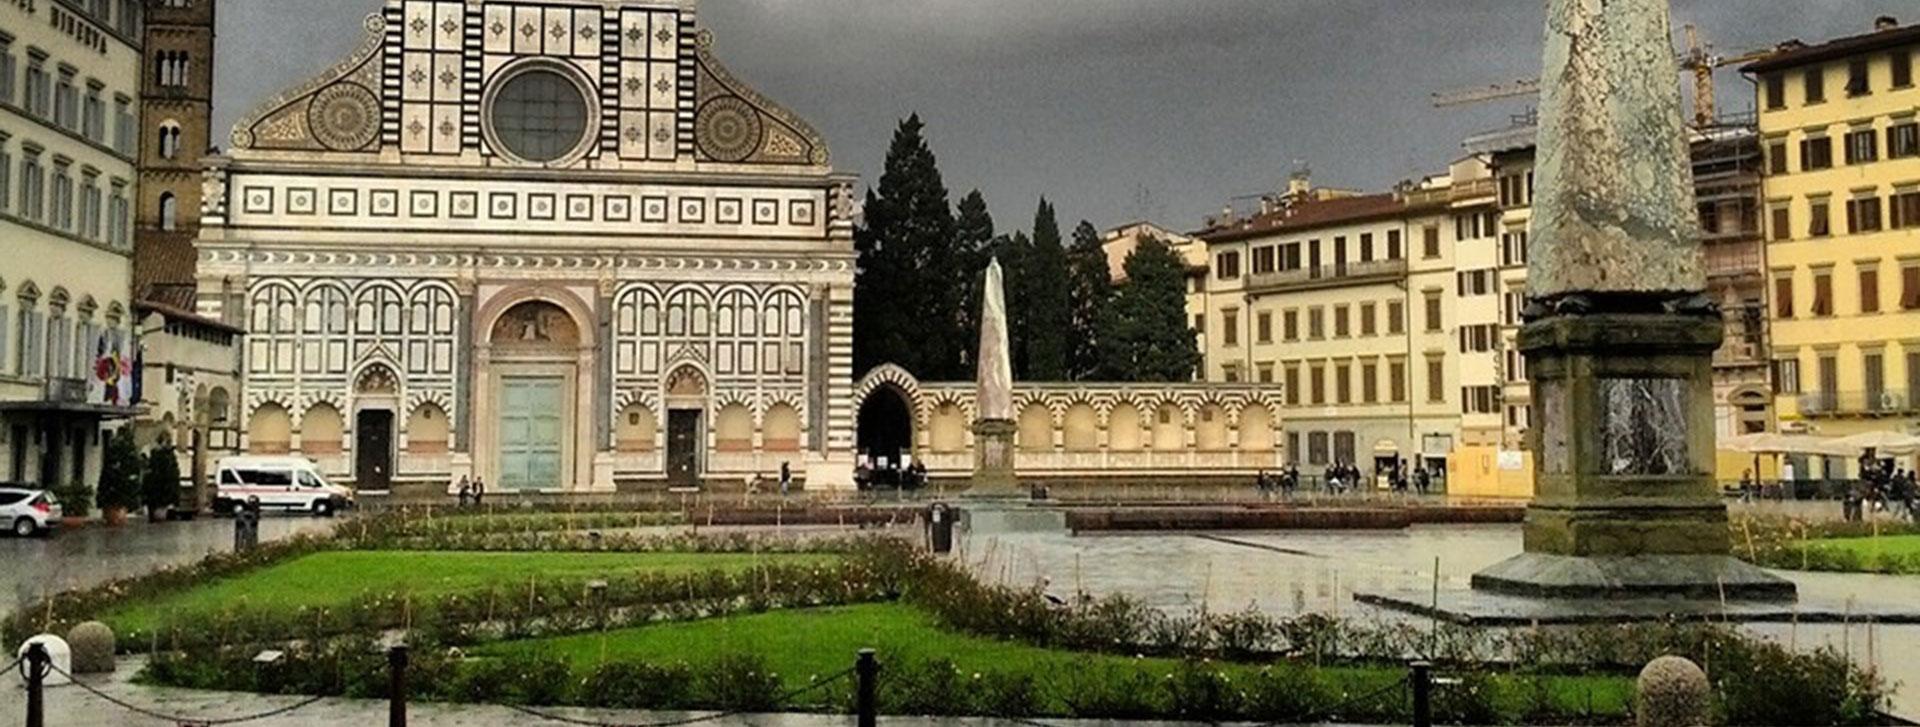 Realizzazione giardini e manutenzione giardini Firenze, Lucca, Siena